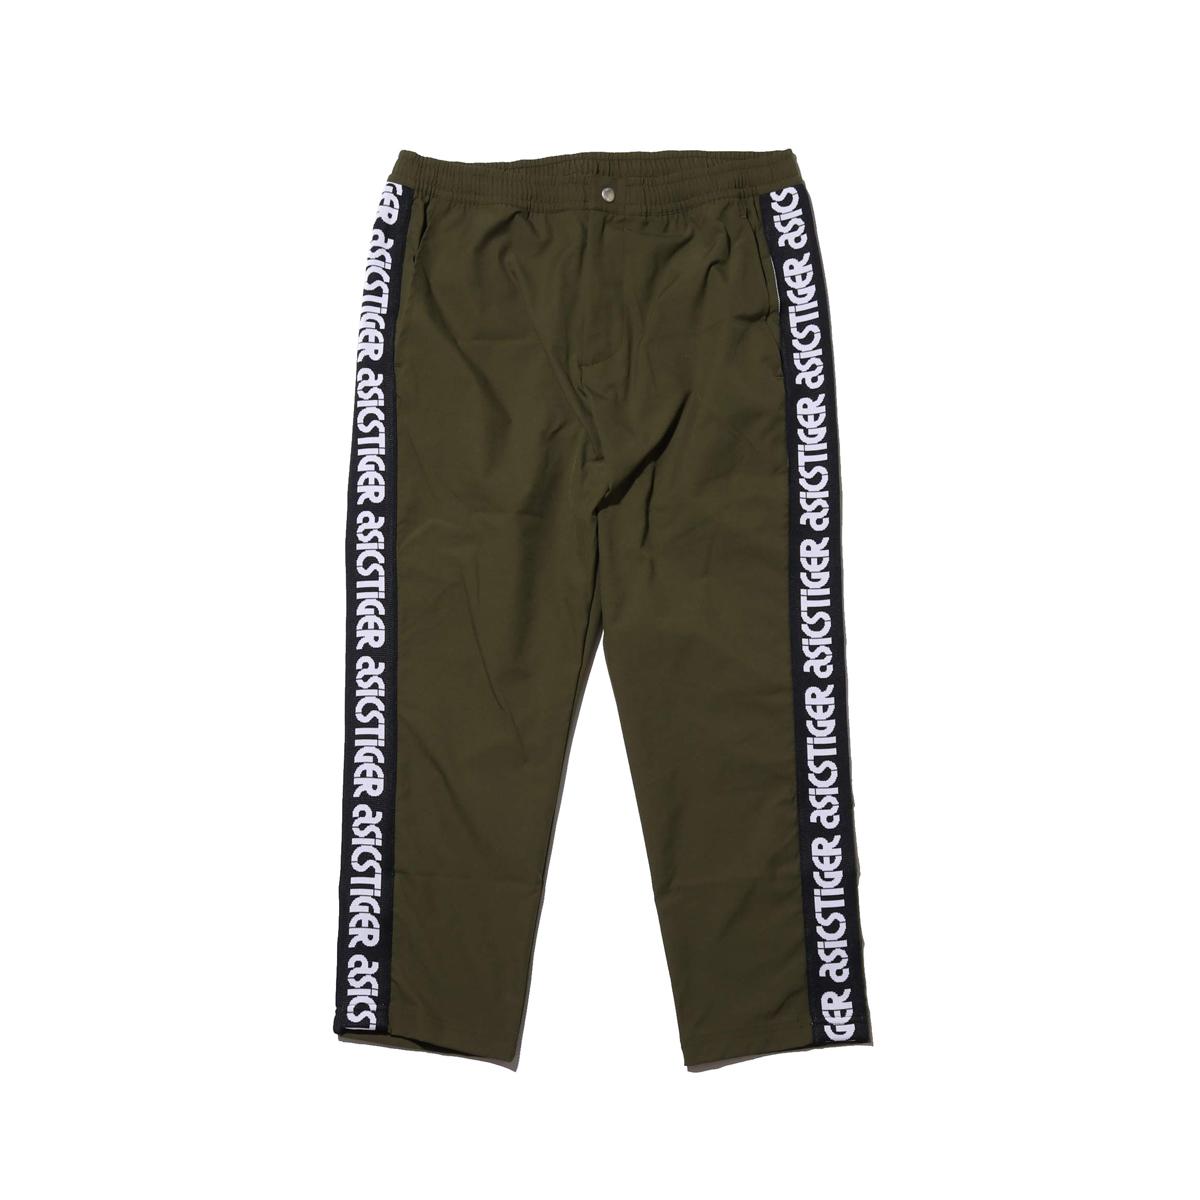 ASICSTIGER LT ST Woven CP Pants(アシックスタイガー LT LS ウーブン CP パンツ)FORREST【メンズ レディース パンツ】18FW-I